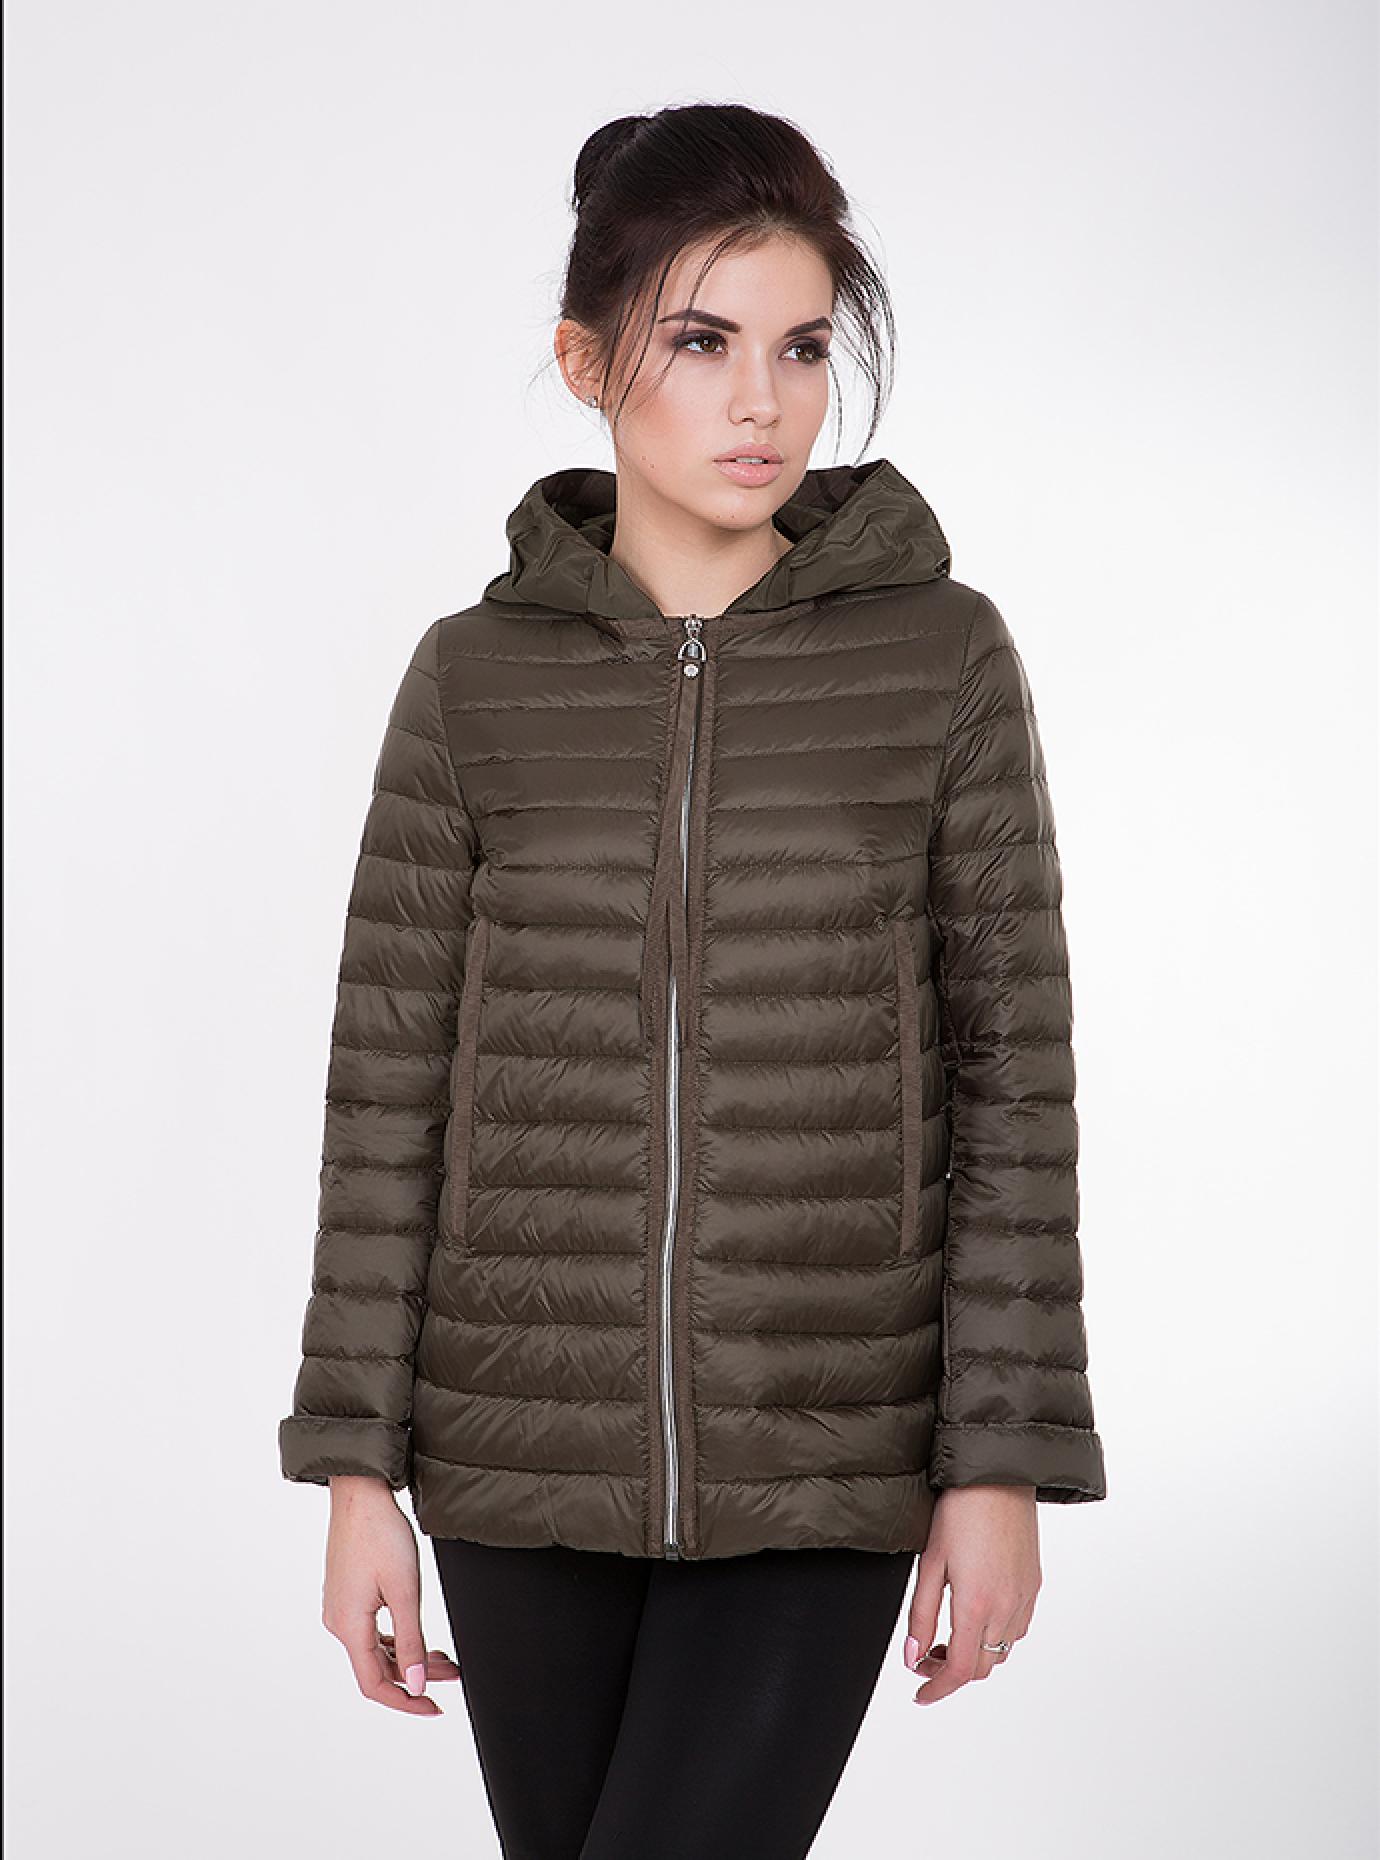 Куртка женская демисезонная на молнии Чёрный S (02-CD18158): фото - Alster.ua